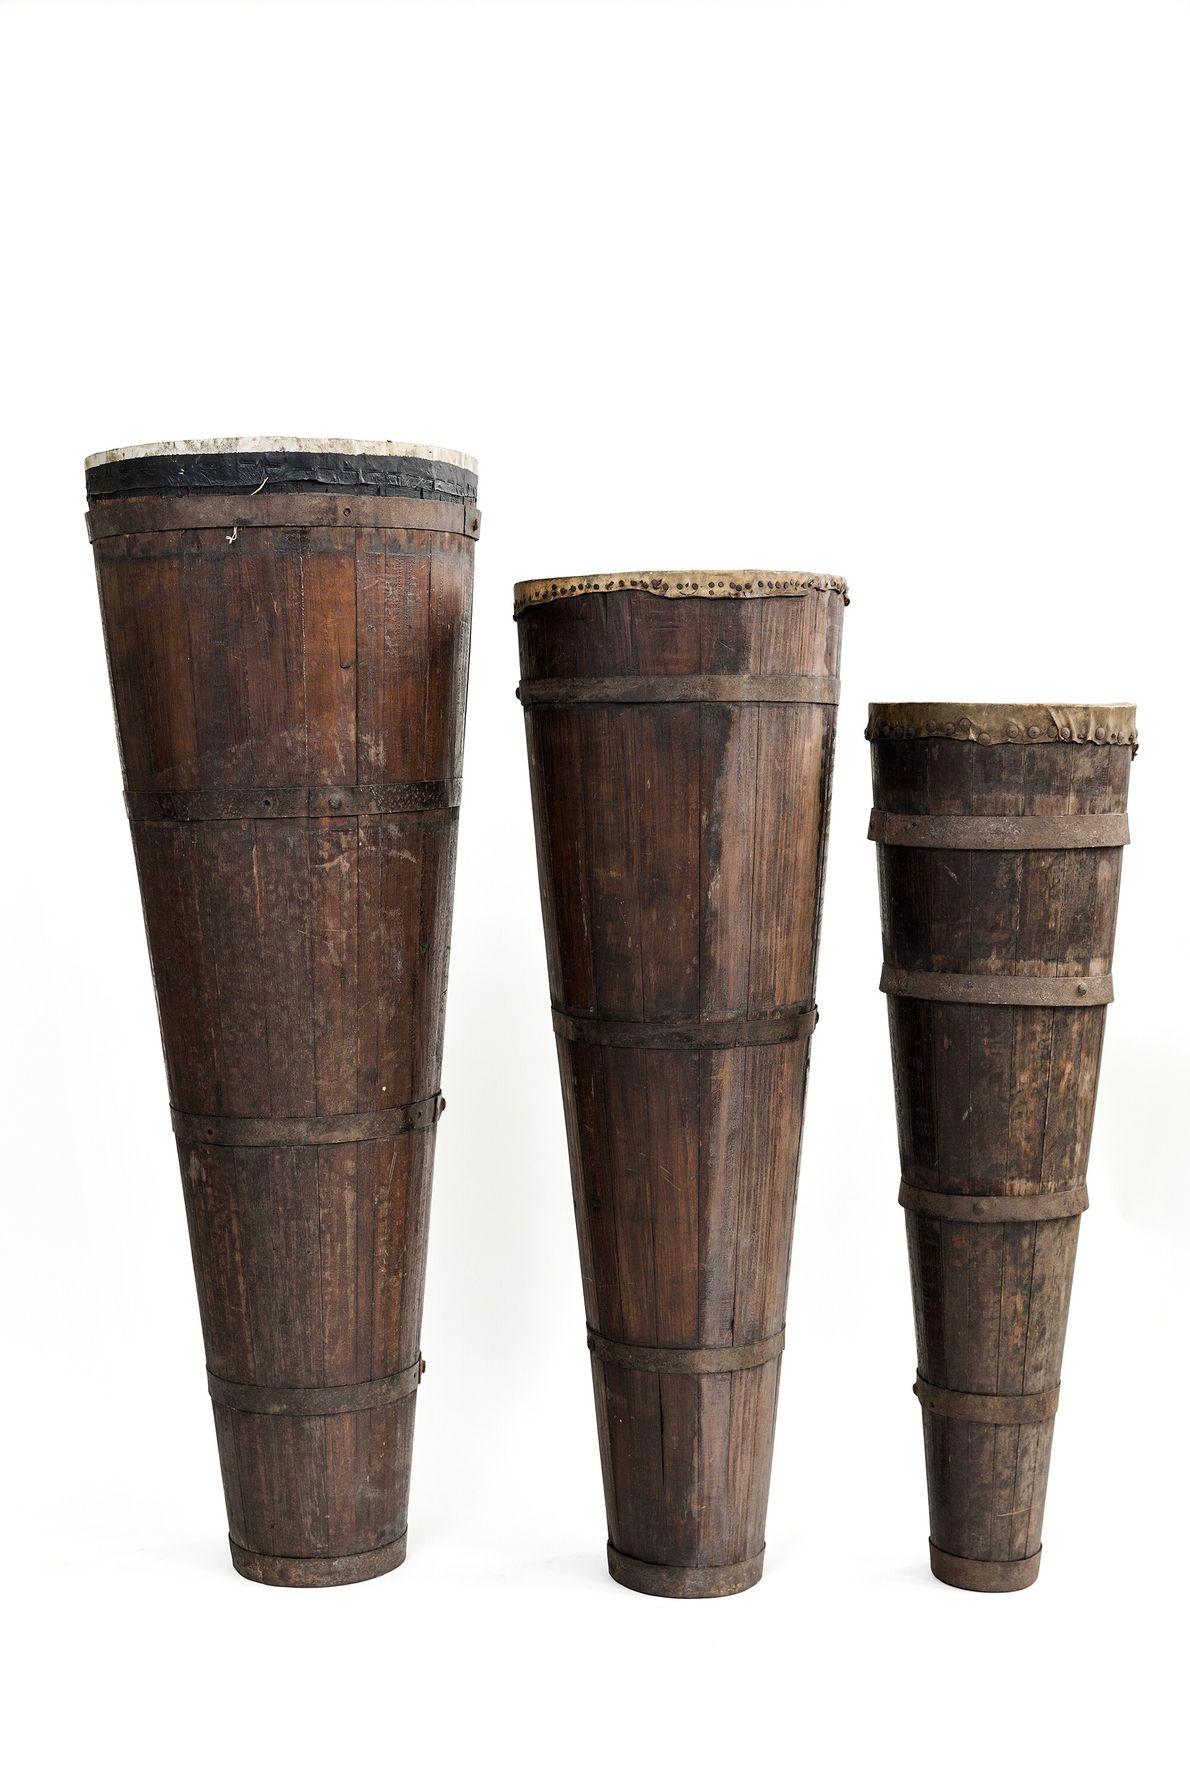 Conjunto de três atabaques utilizados em rituais de candomblé e umbanda. Acervo do Museu da República.